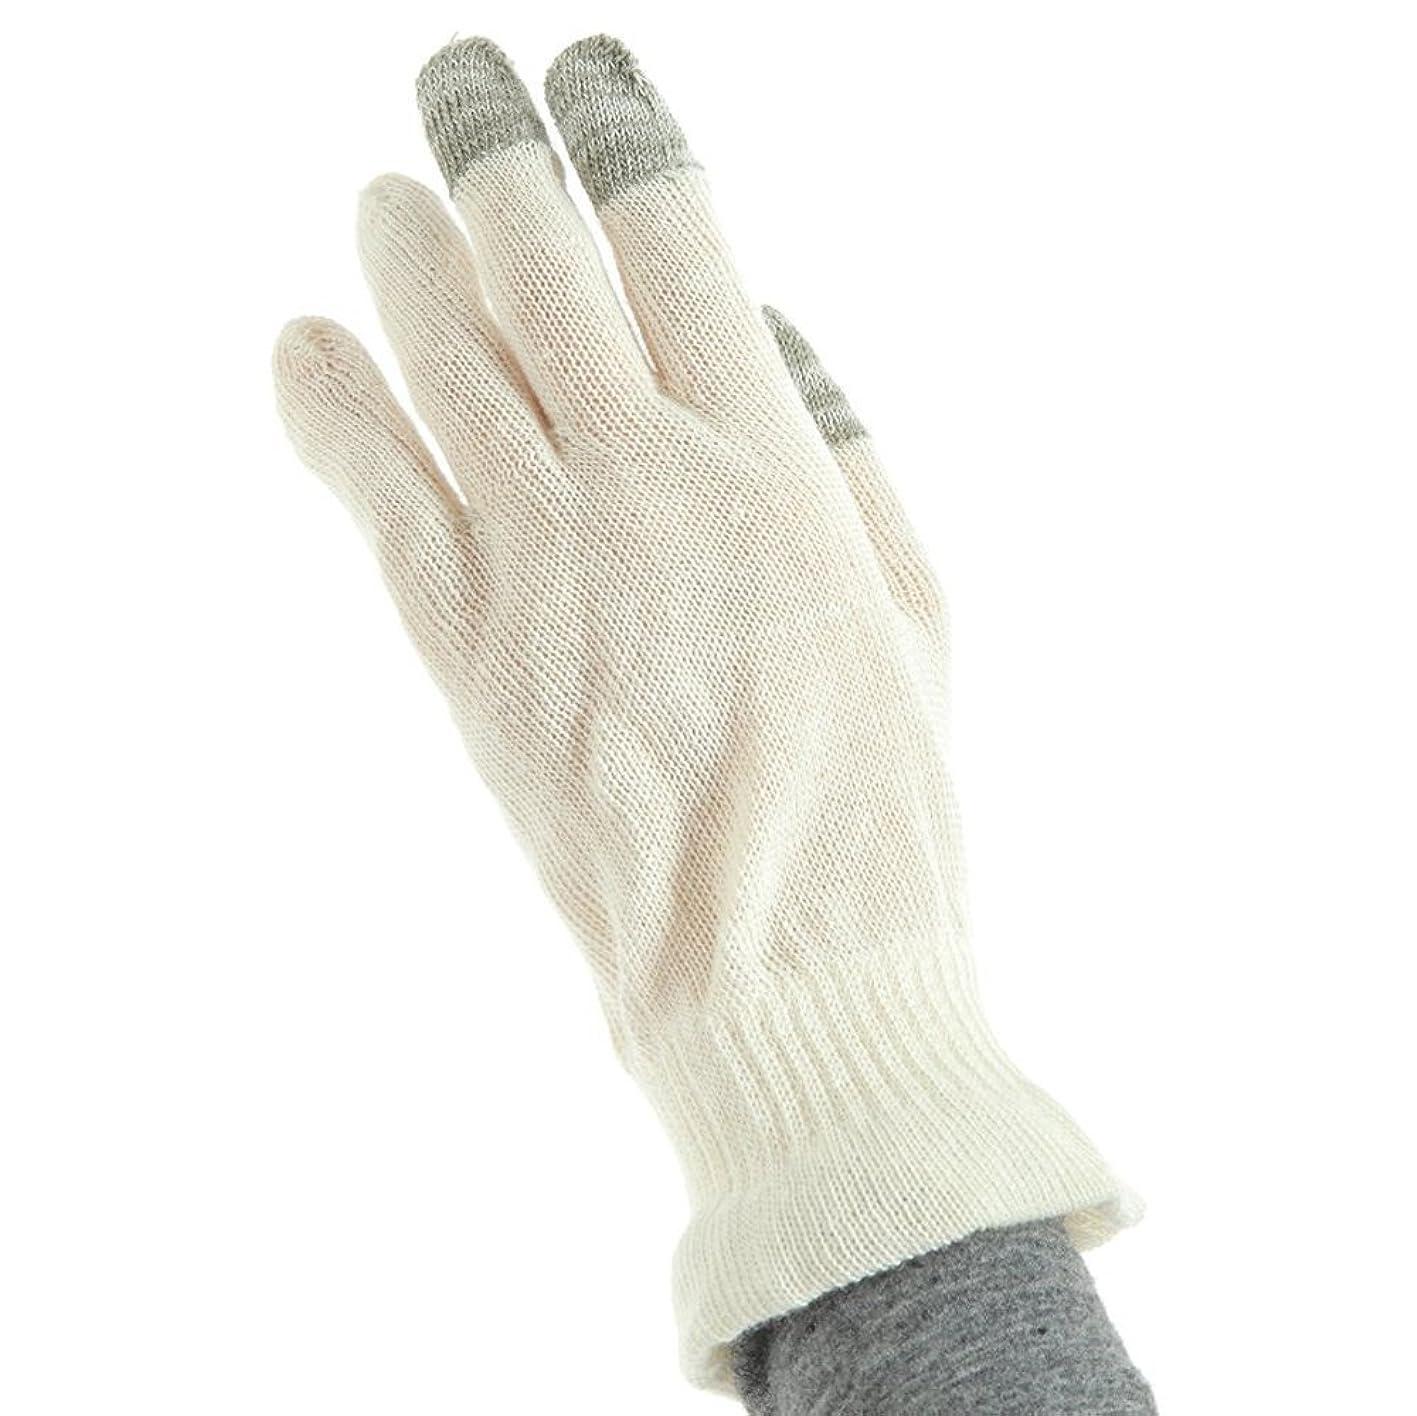 おしゃれじゃない石炭ダウンタウン麻福 ヘンプ おやすみ 手袋 スマホ対応 男性用 L きなり 天然 ヘンプ素材 (麻) タッチパネル スマートフォン対応 肌に優しい 乾燥対策